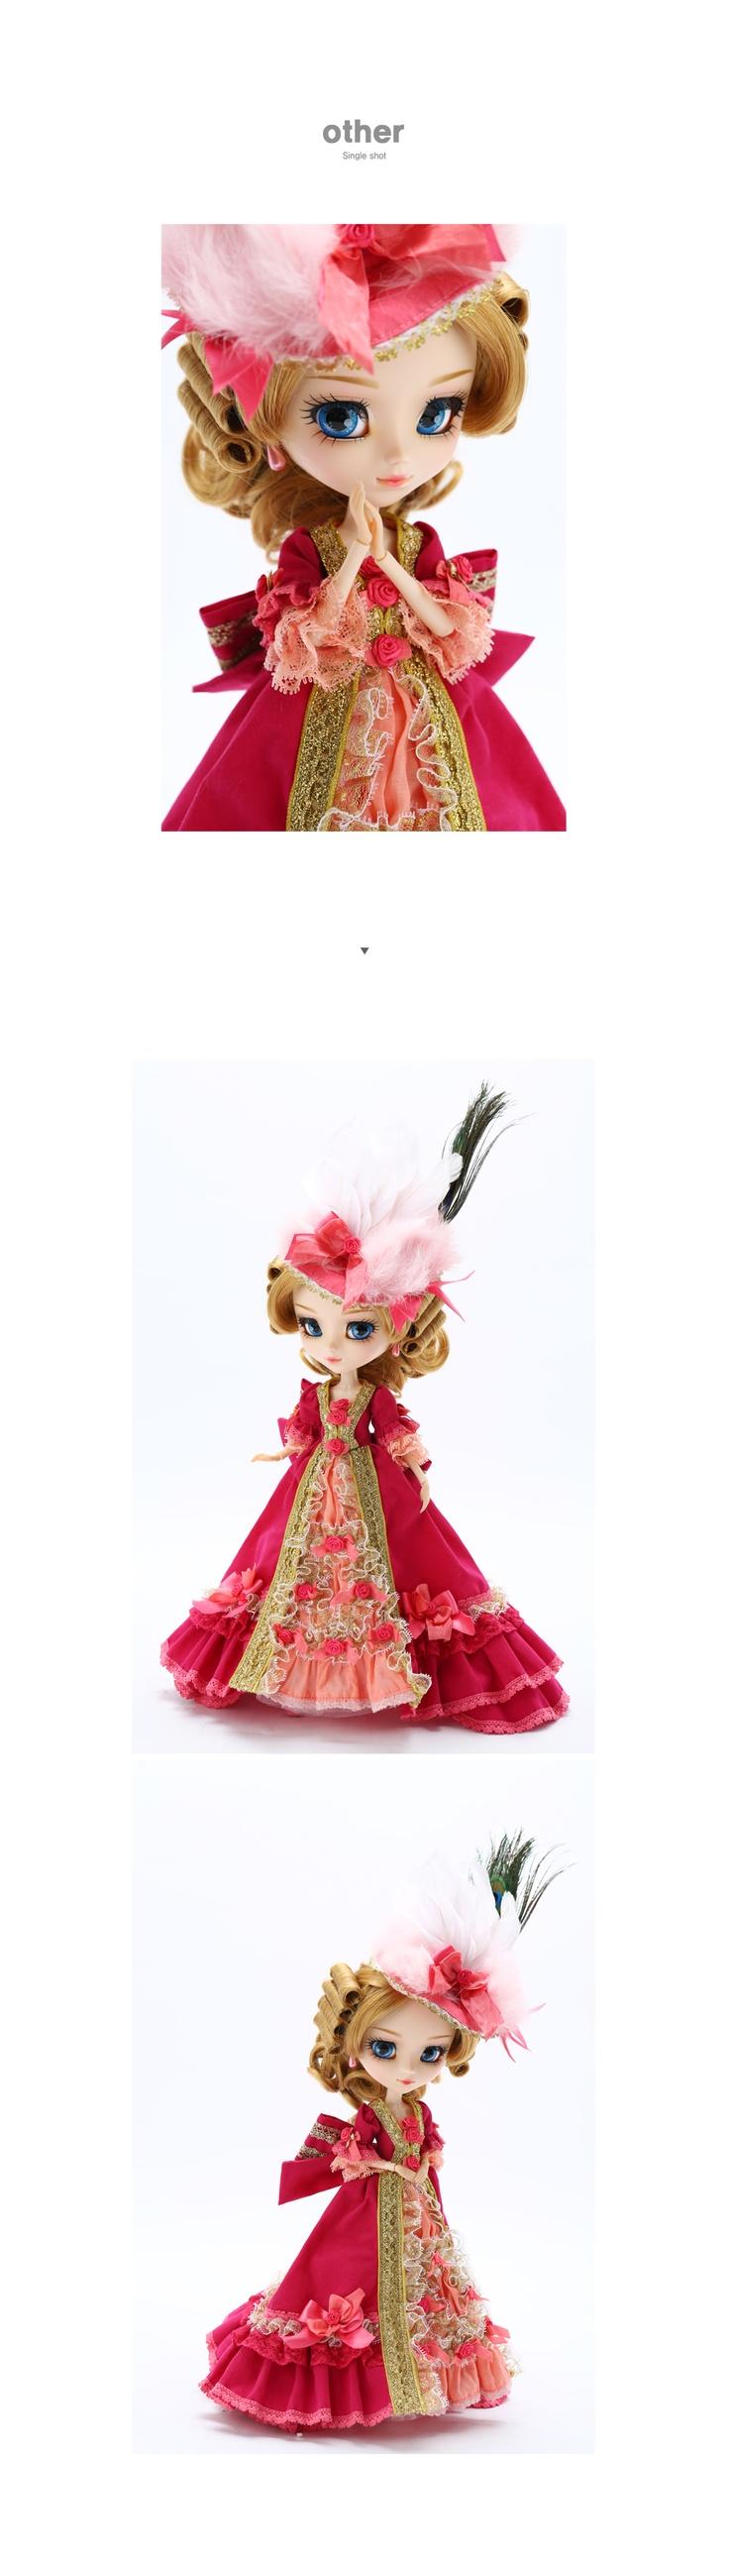 Pullip Marie Antoinette doll